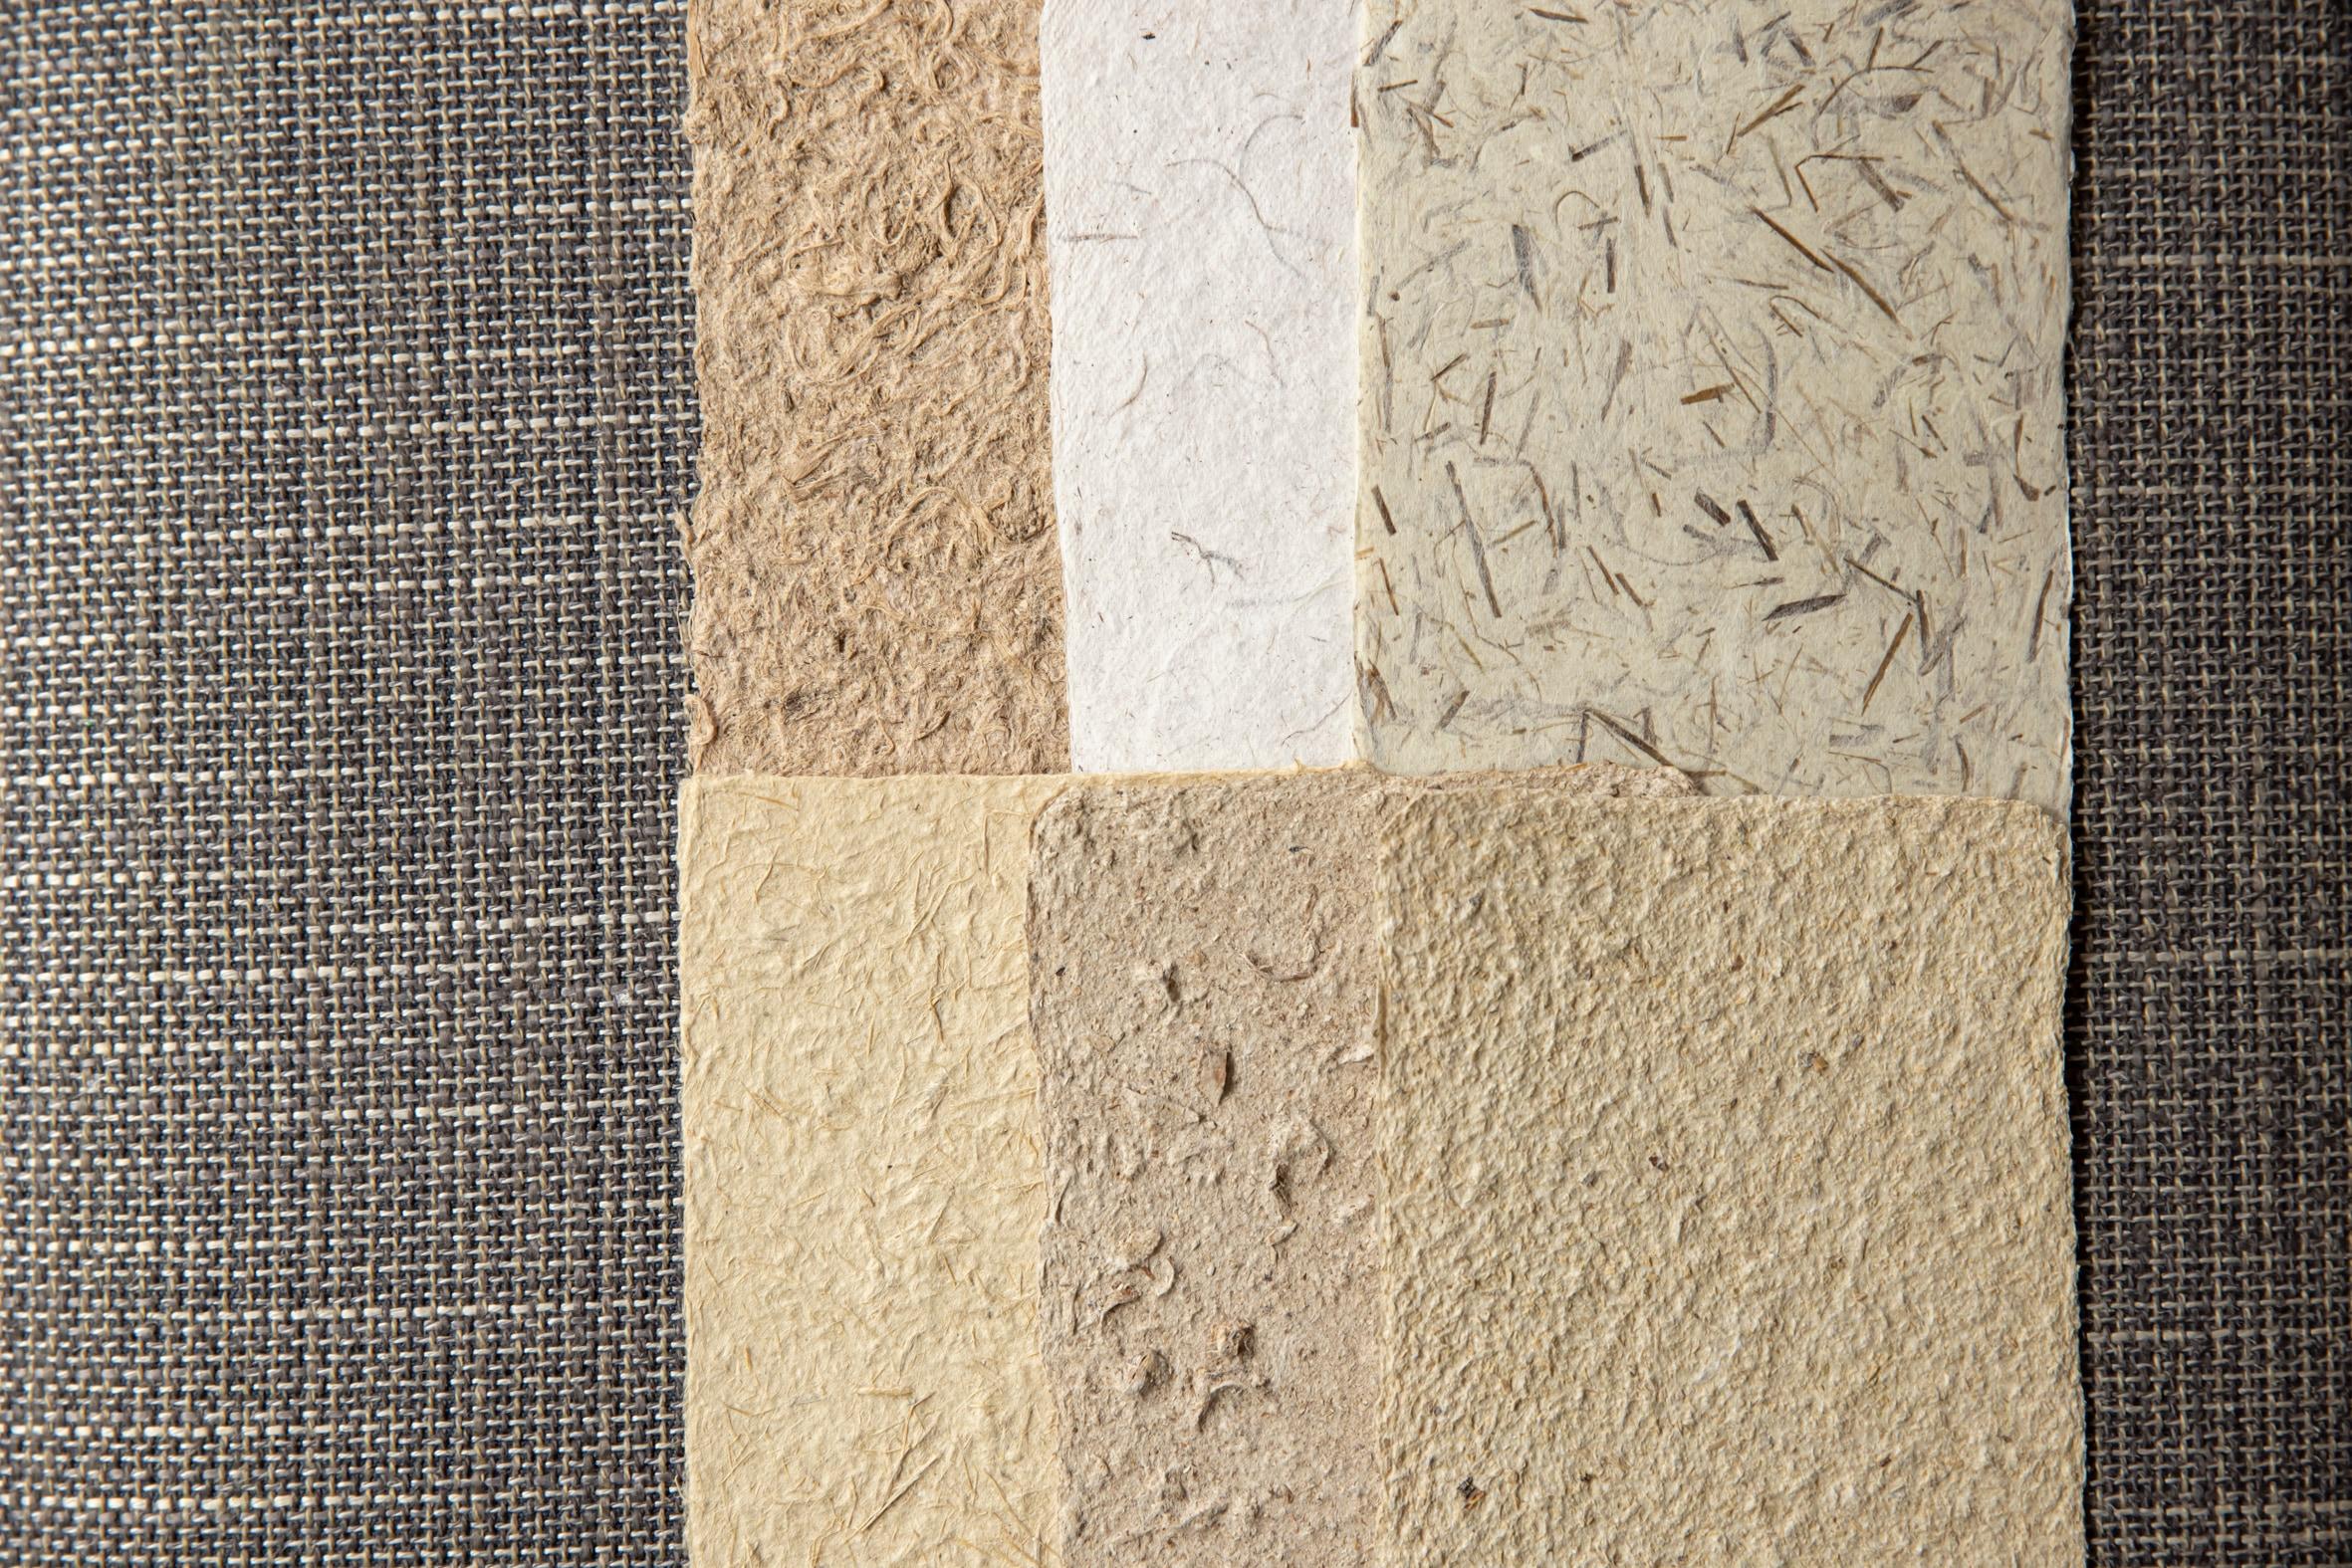 蝦夷和紙工房 紙びよりの「蝦夷和紙」6種類,北海道に自生する植物から作った手すき和紙